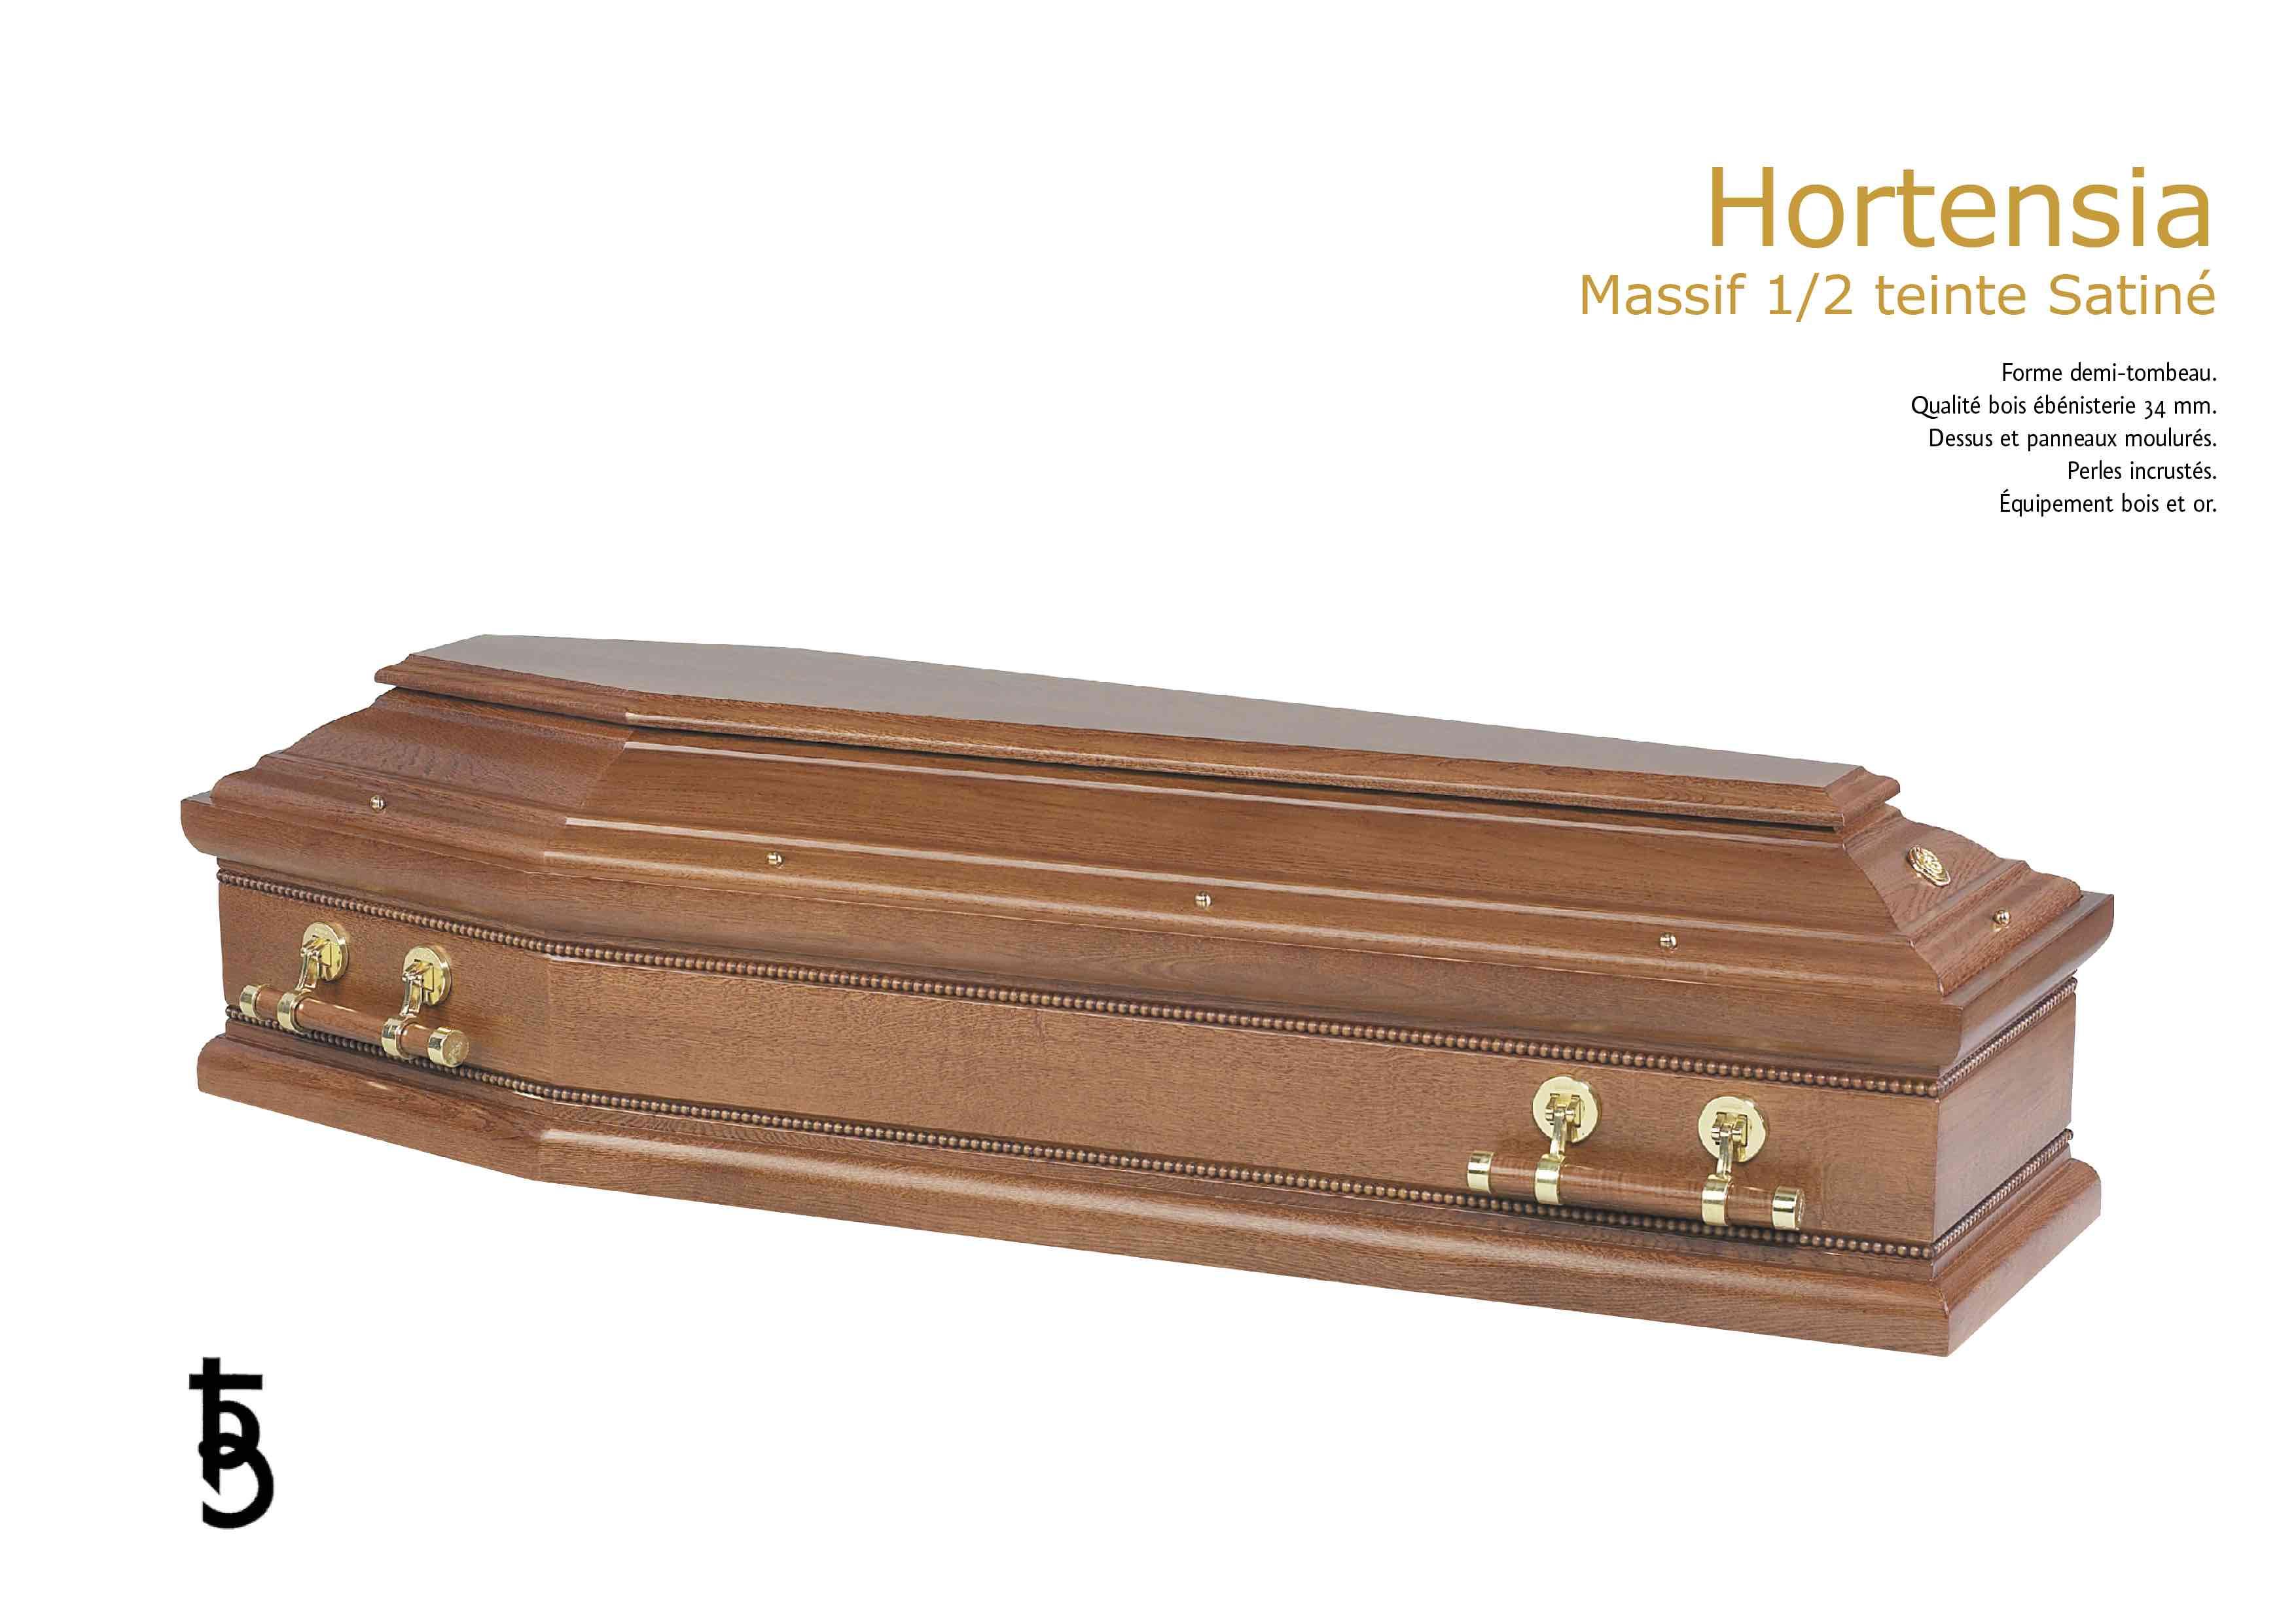 CERCUEIL HORTENSIA